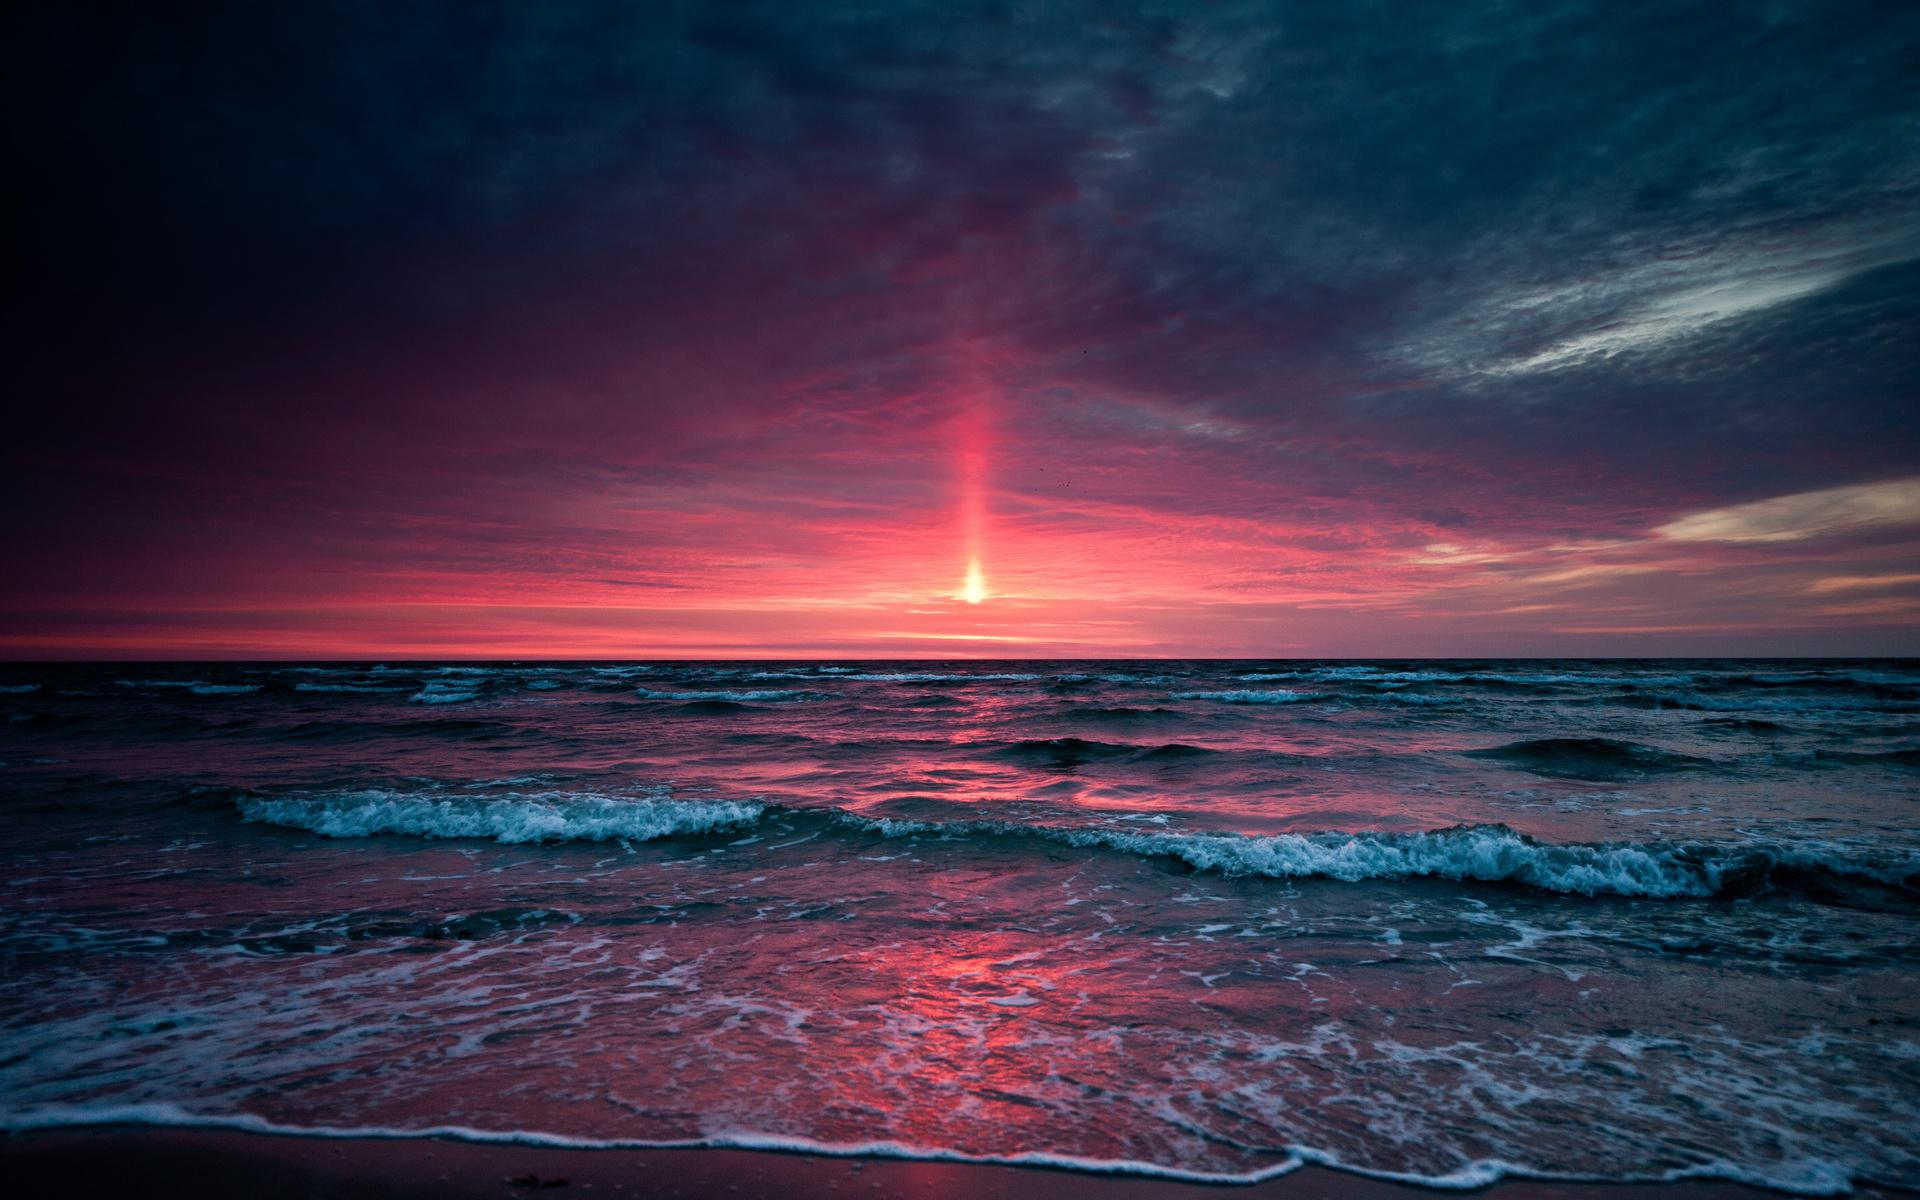 beach sunset superb wallpaper beaches walls 1920x1200 1920x1200